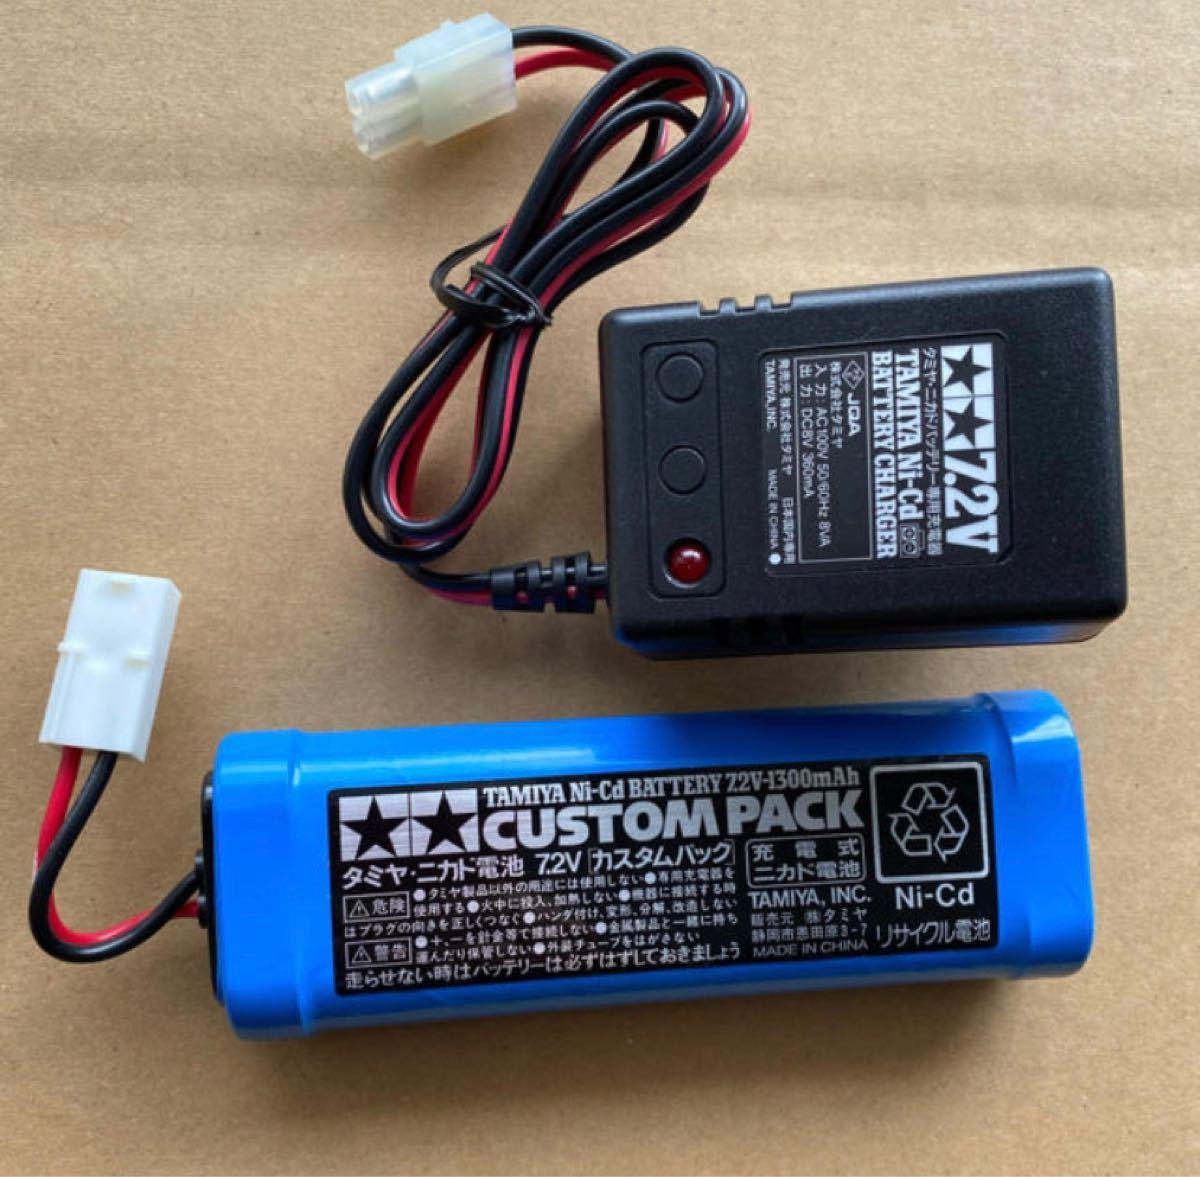 新品 タミヤ ニカドバッテリー 7.2V カスタムパック LED付充電器セット